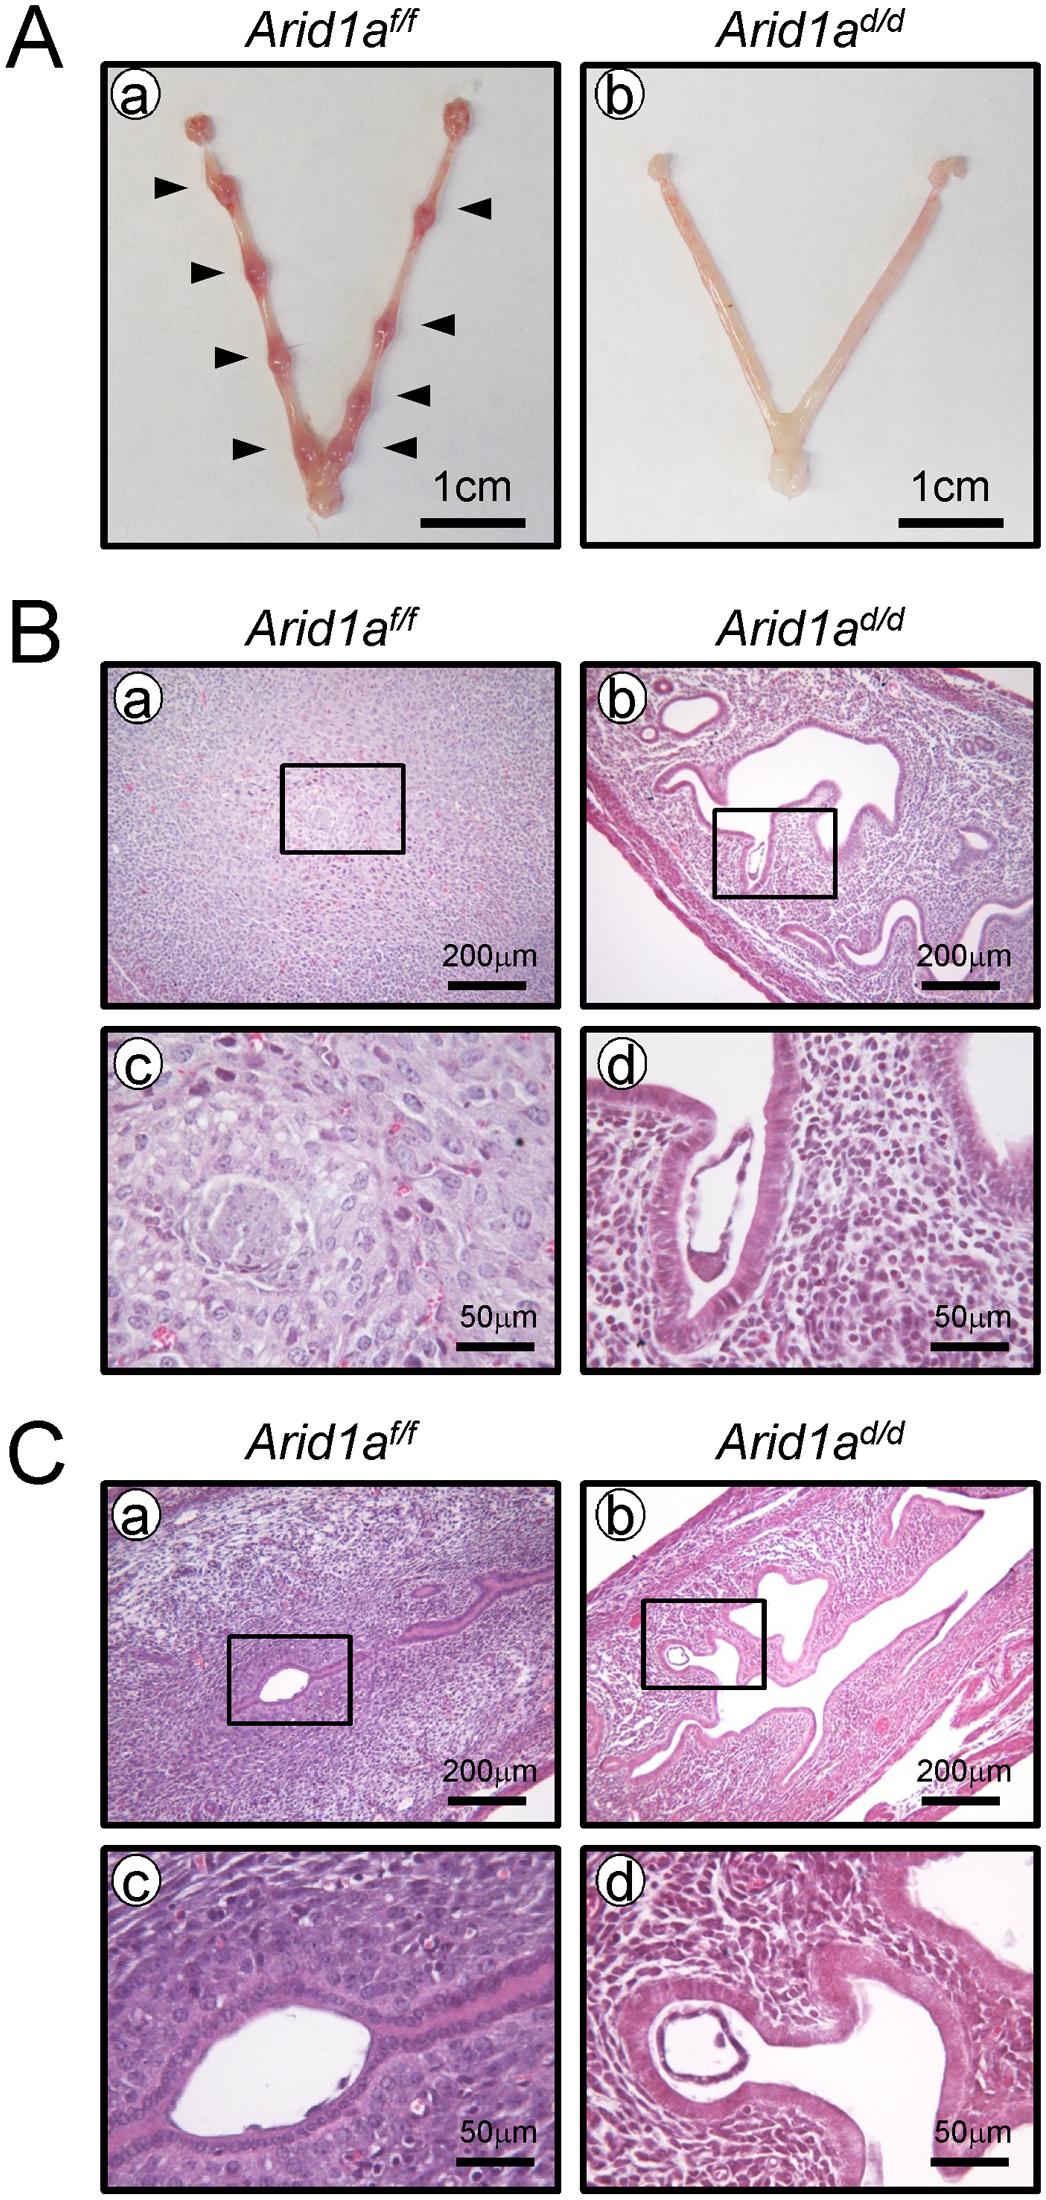 A failure of implantation in <i>Arid1a</i><sup><i>d/d</i></sup> mice.